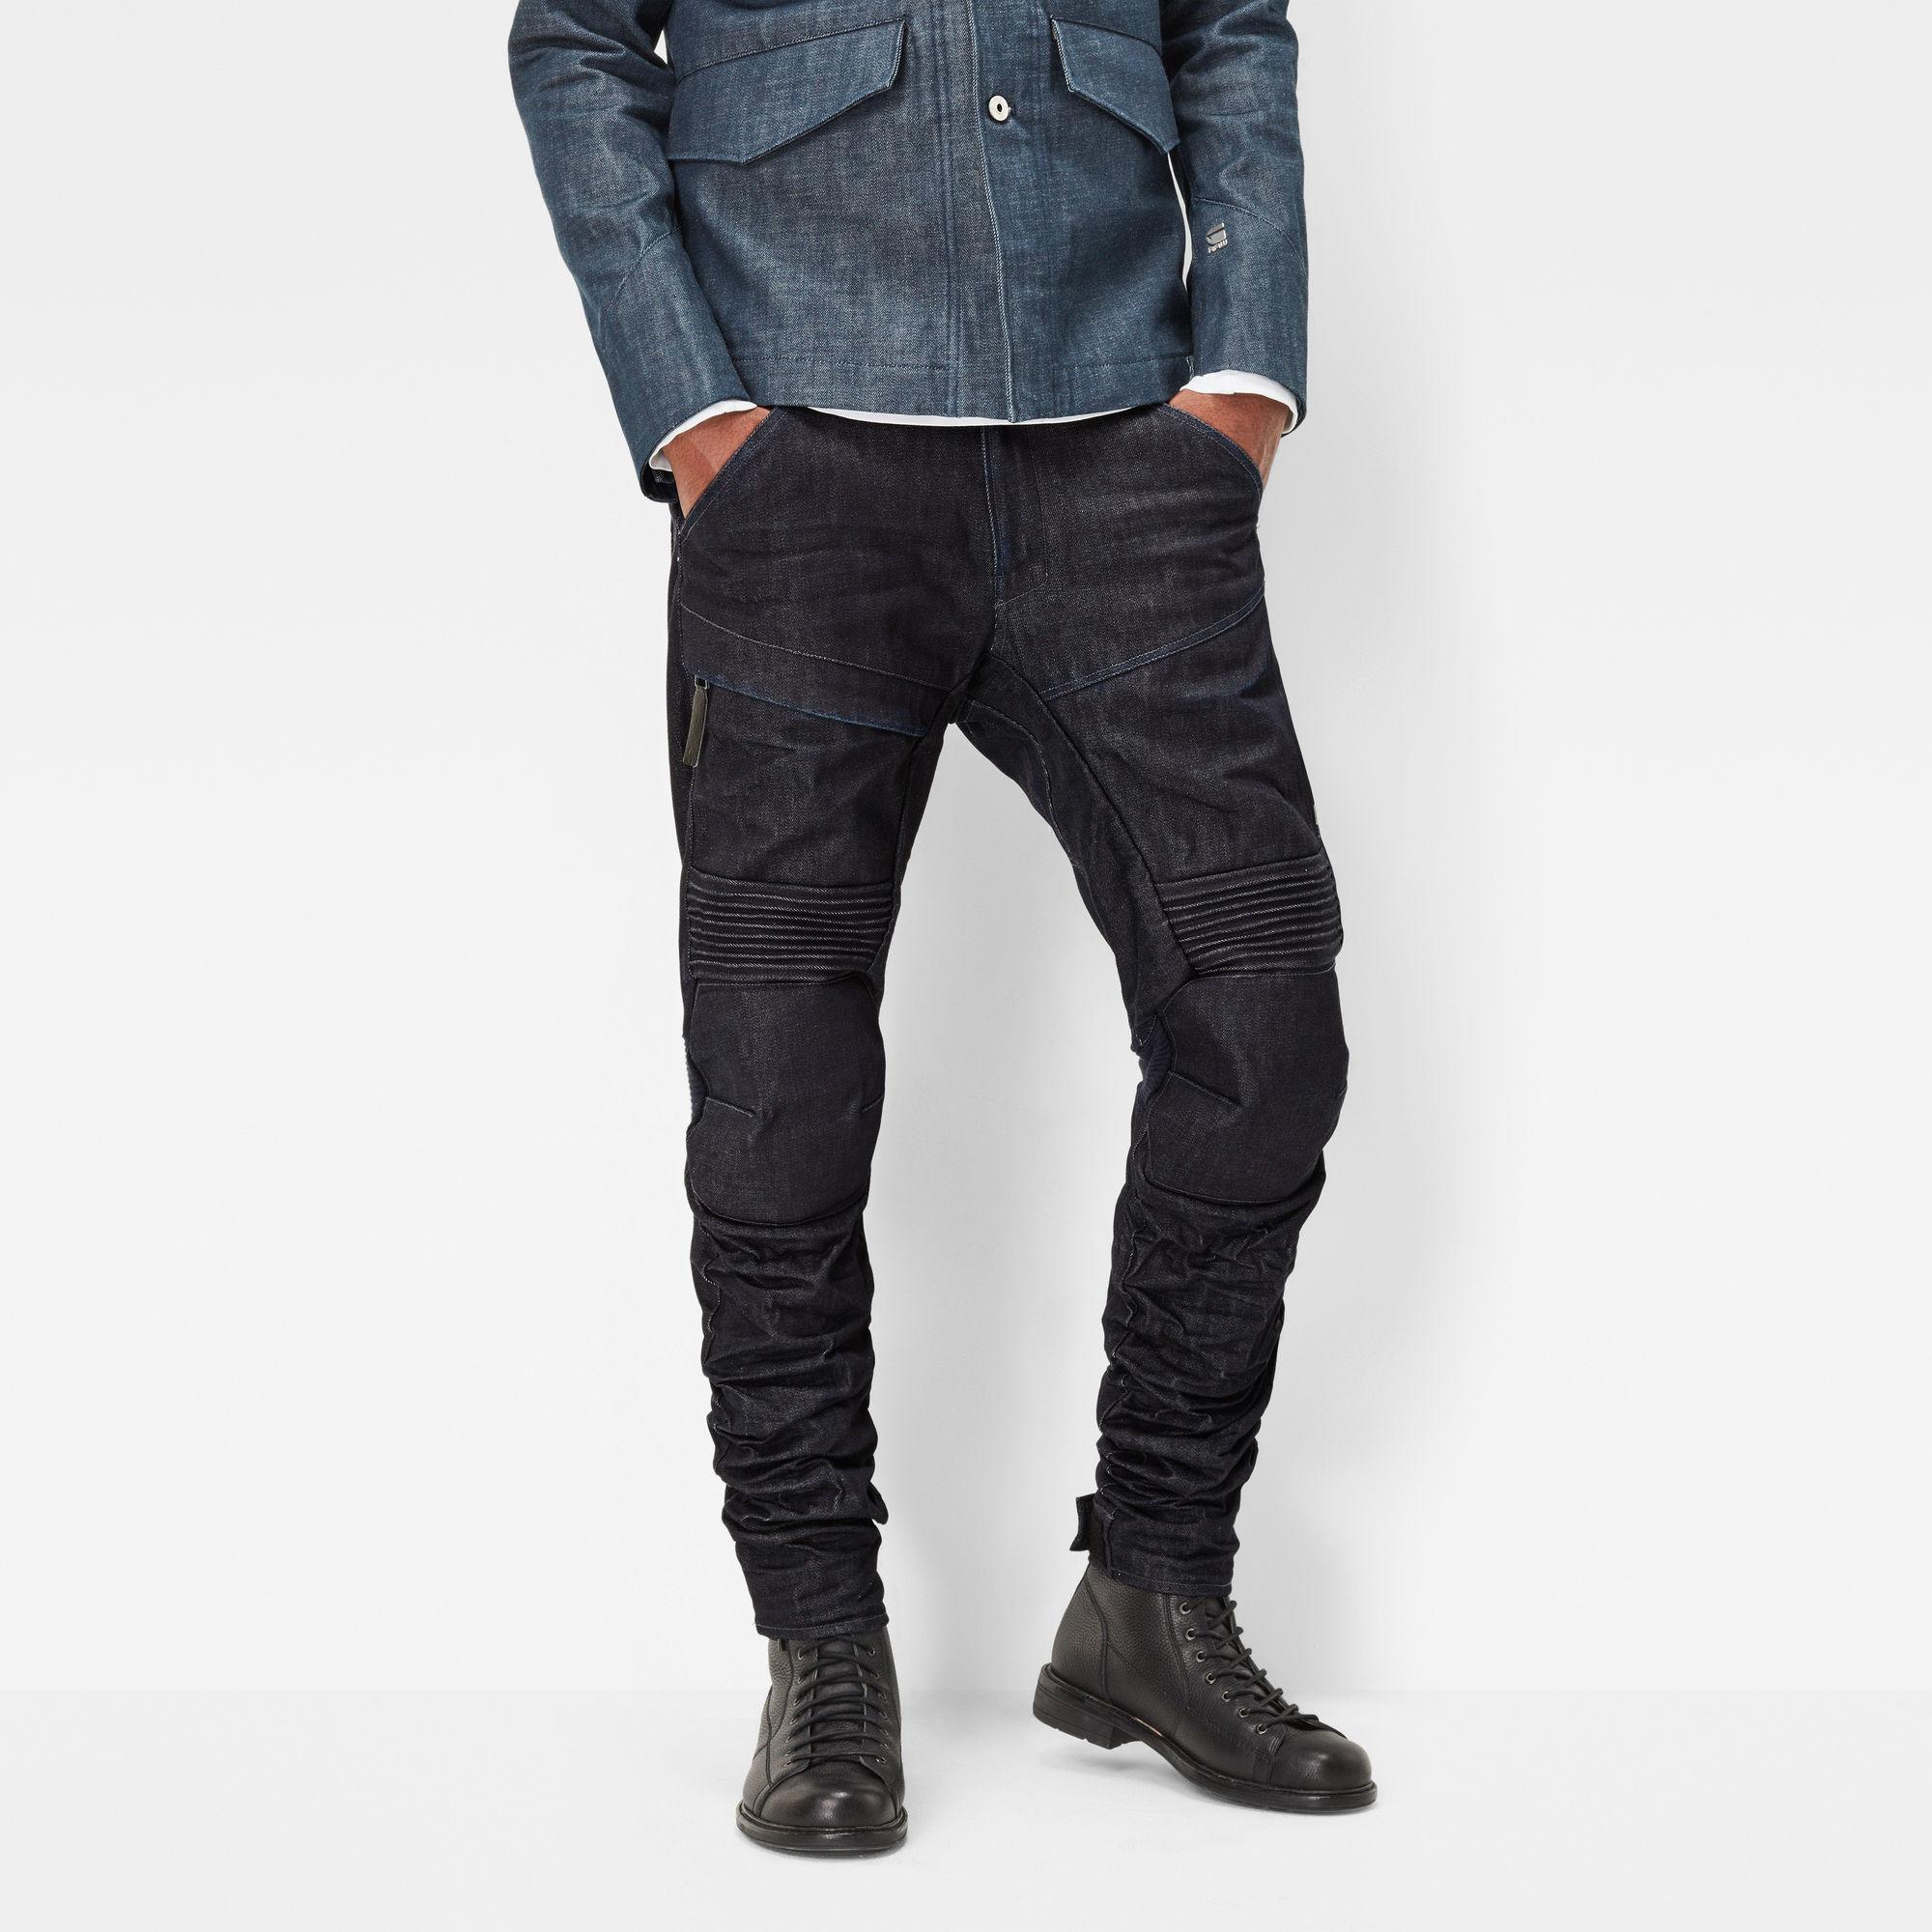 5620 g star elwood 3d tapered trainer jeans joggjeans. Black Bedroom Furniture Sets. Home Design Ideas